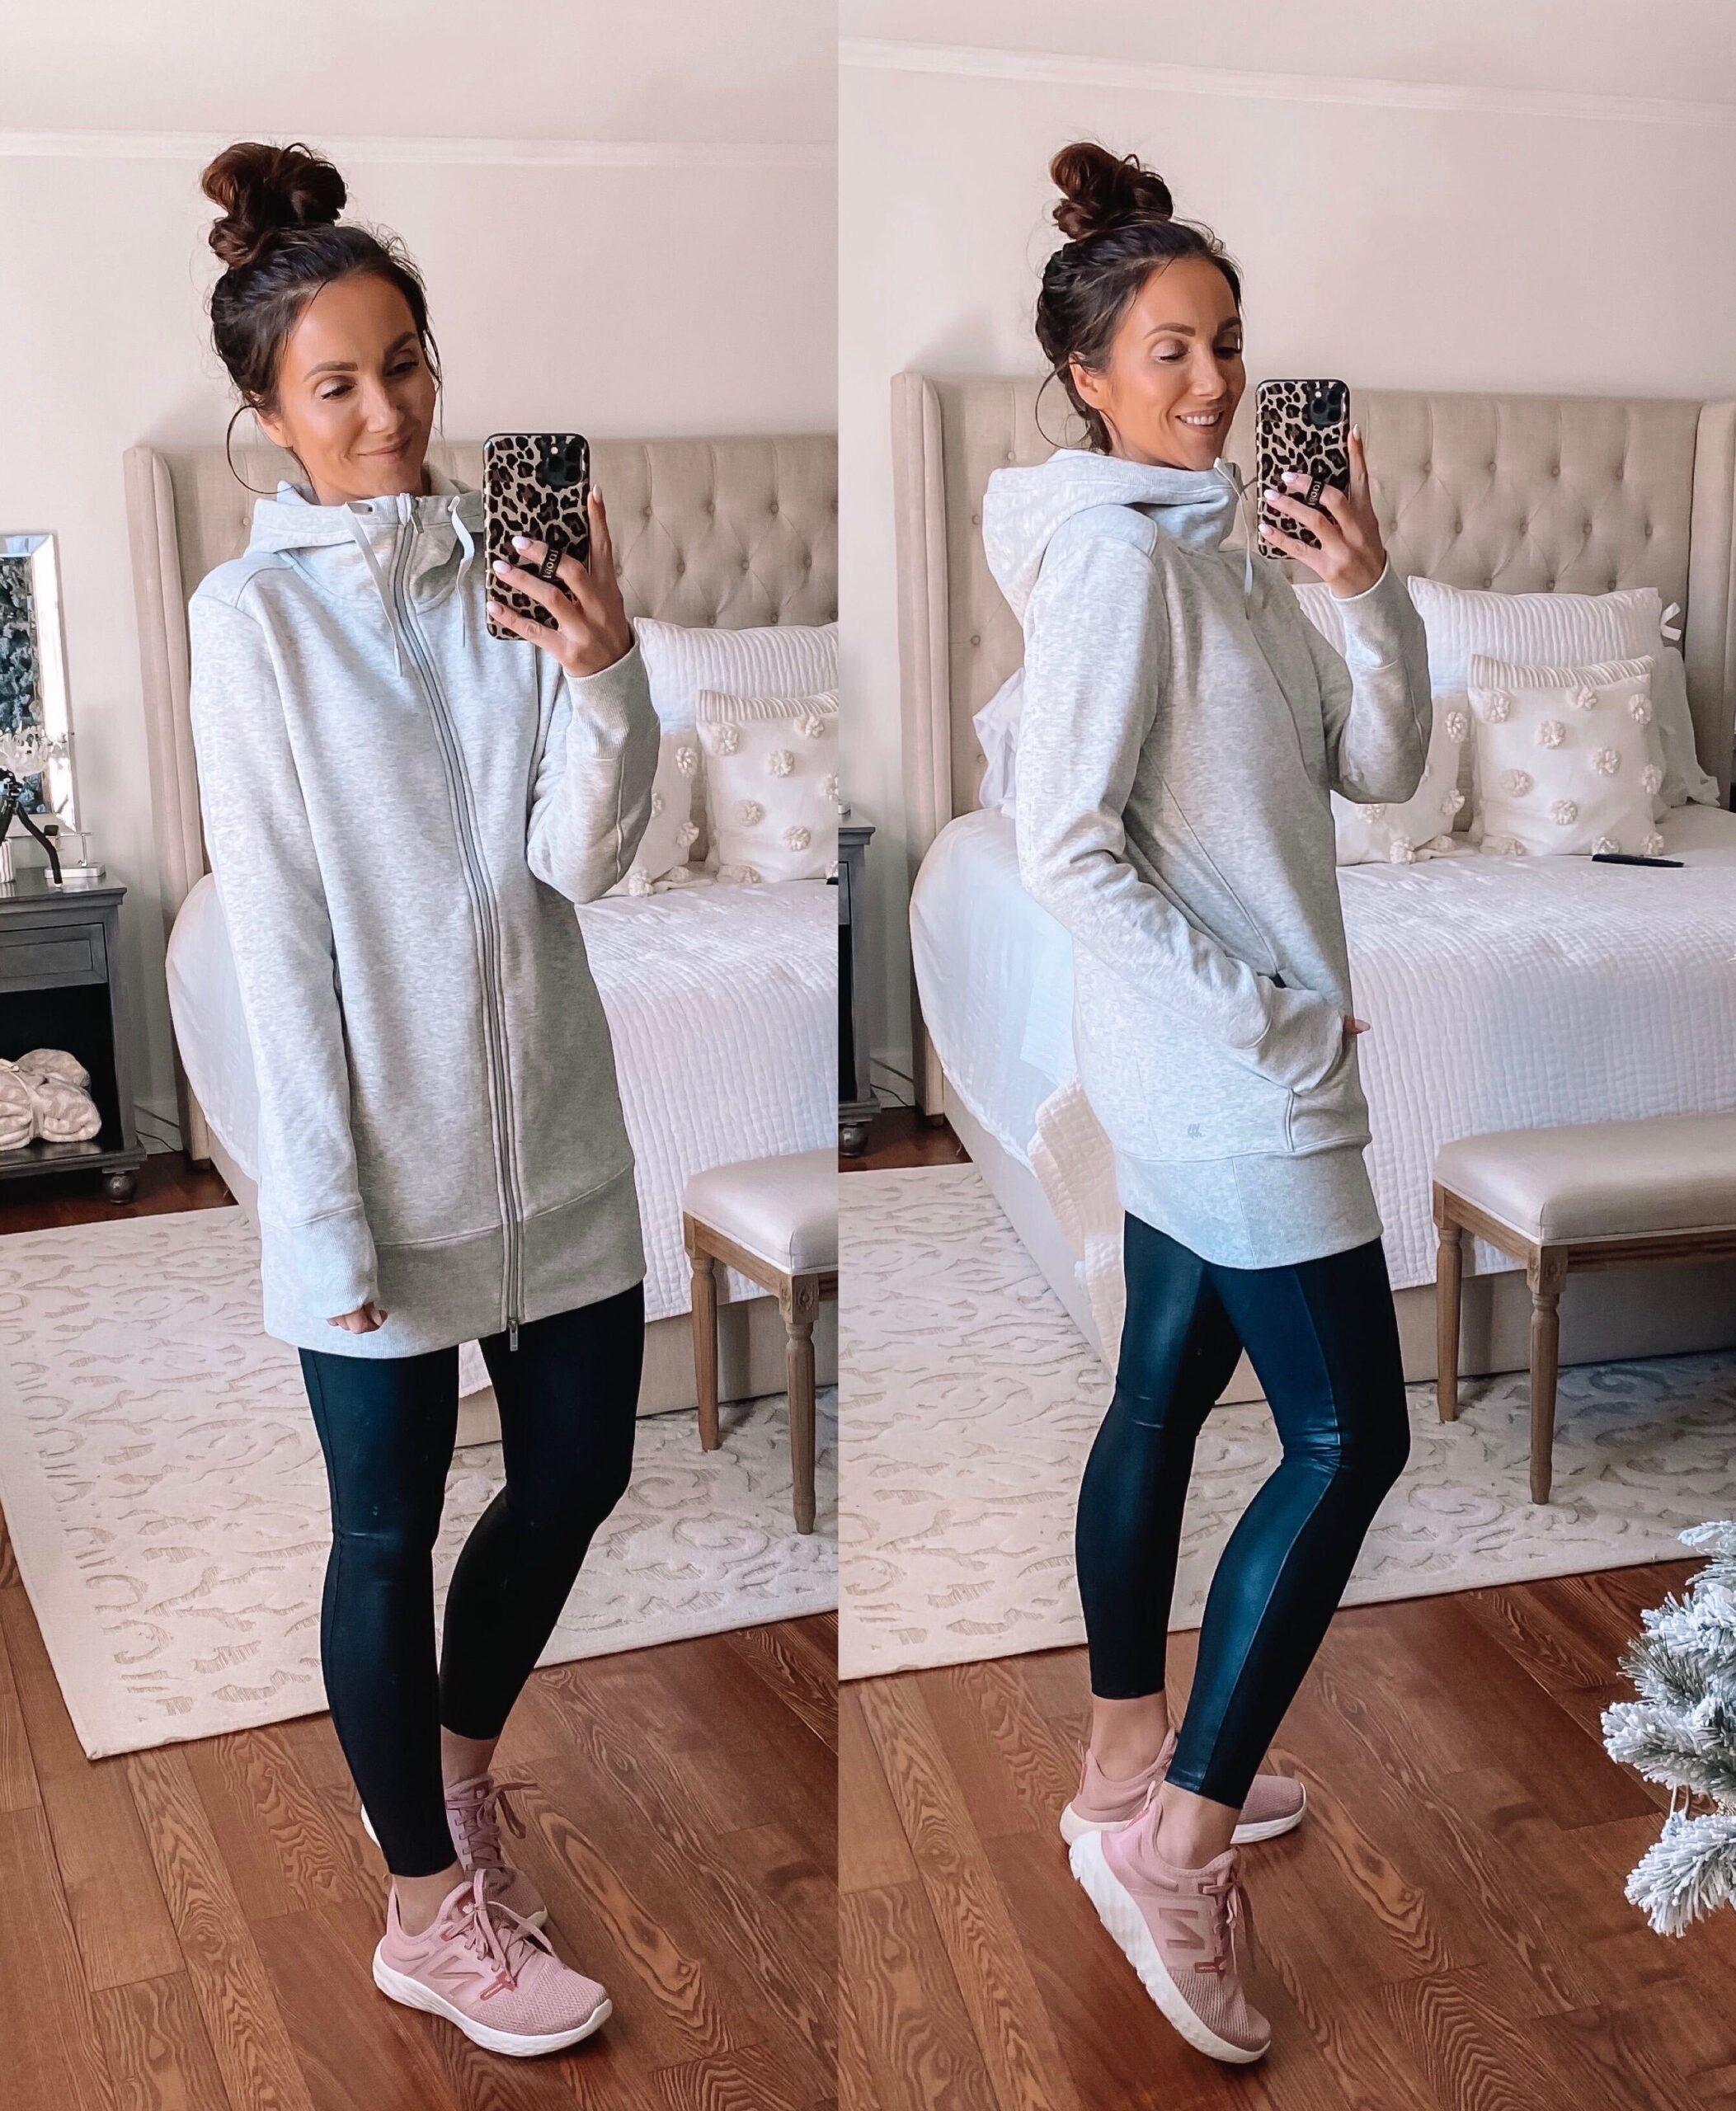 target tunic sweatshirt with leggings